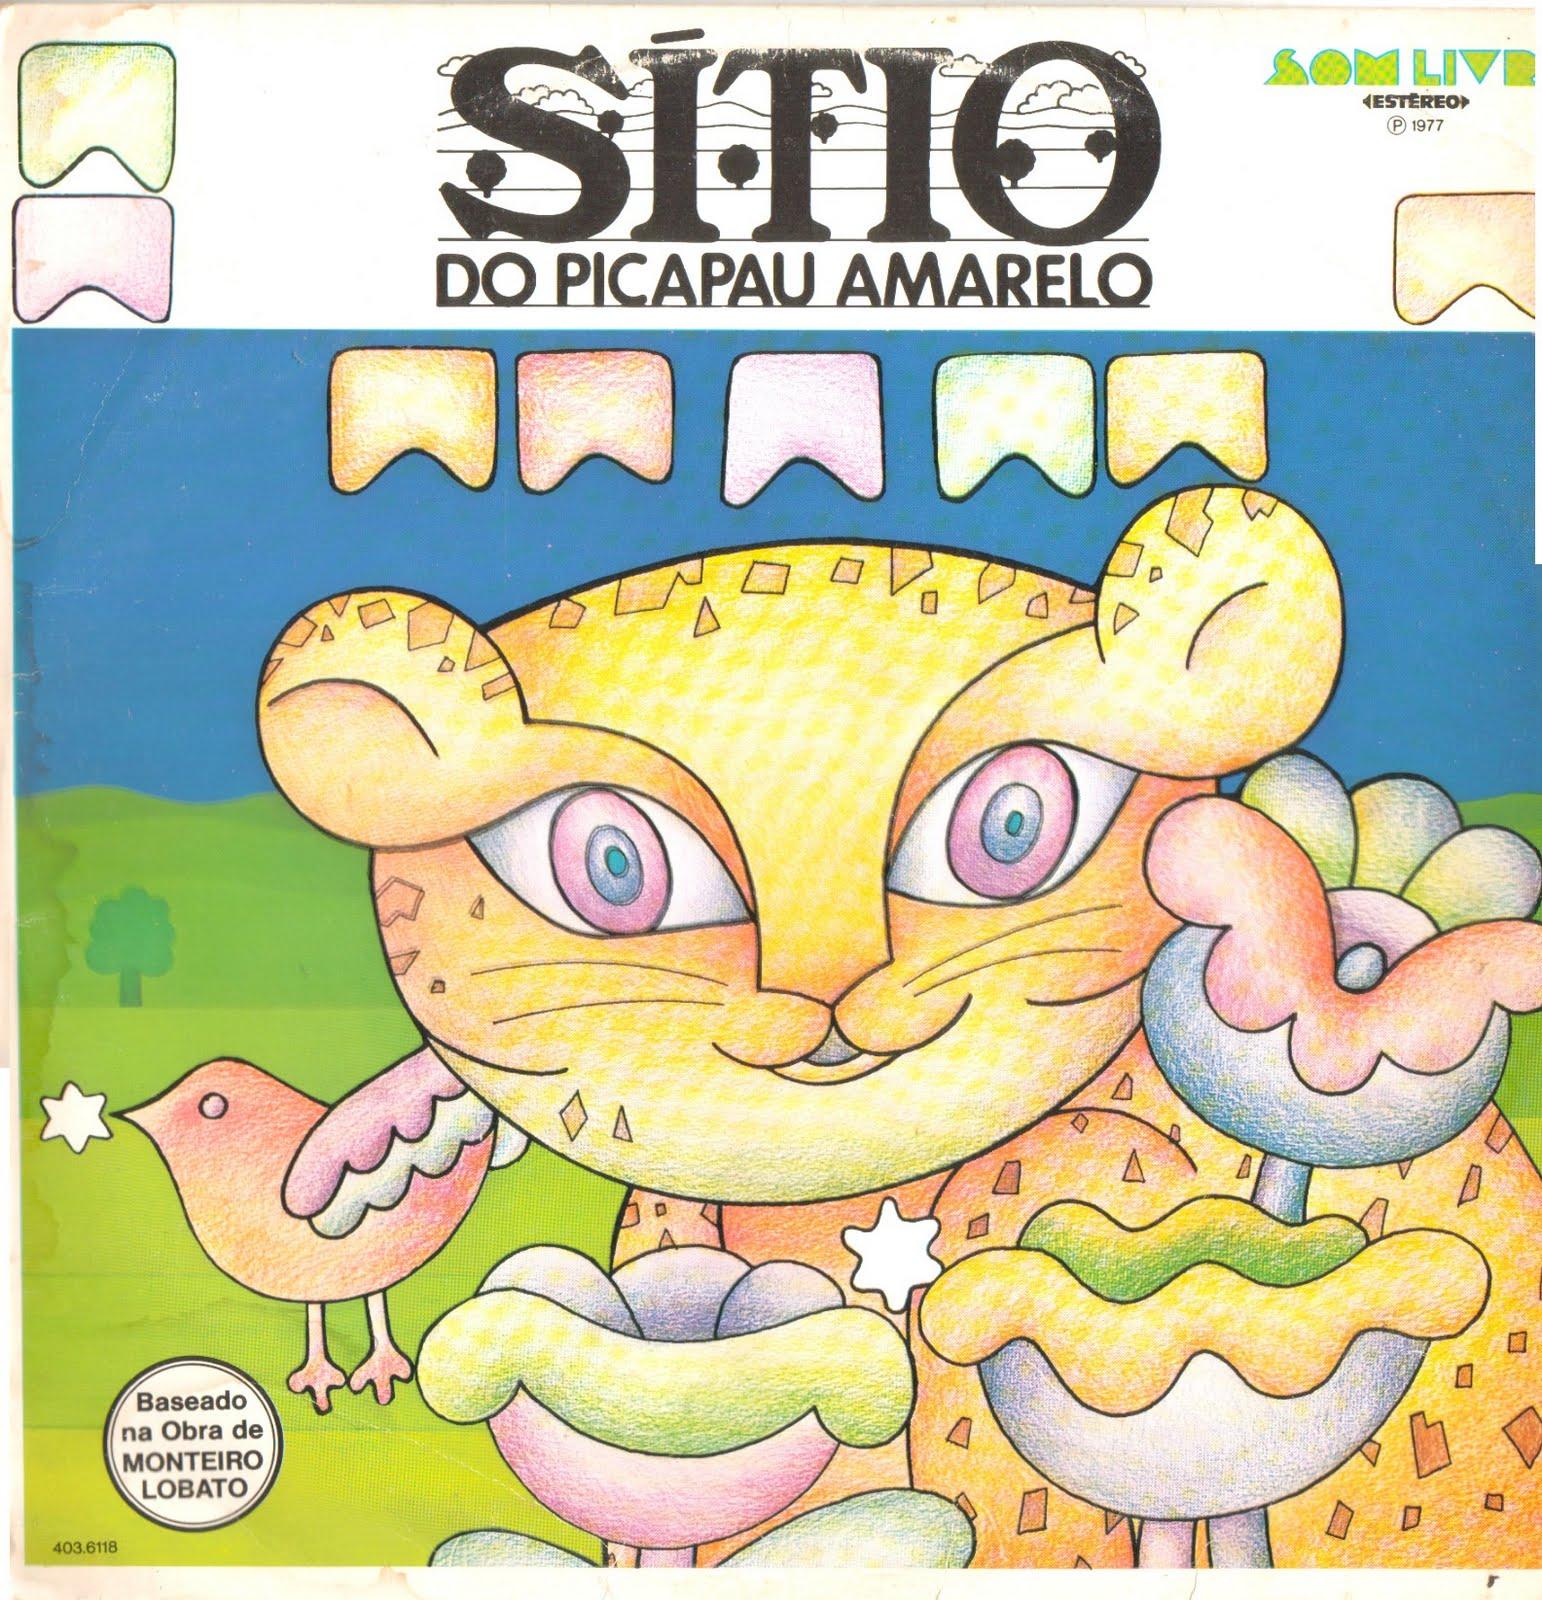 http://2.bp.blogspot.com/__68M6Sx1FDY/THv-YIxwJAI/AAAAAAAAALE/JZU2Idfrmg8/s1600/1977+-+Sitio+do+Pica+Pau+Amarelo+Vol+1+capa+01.jpg